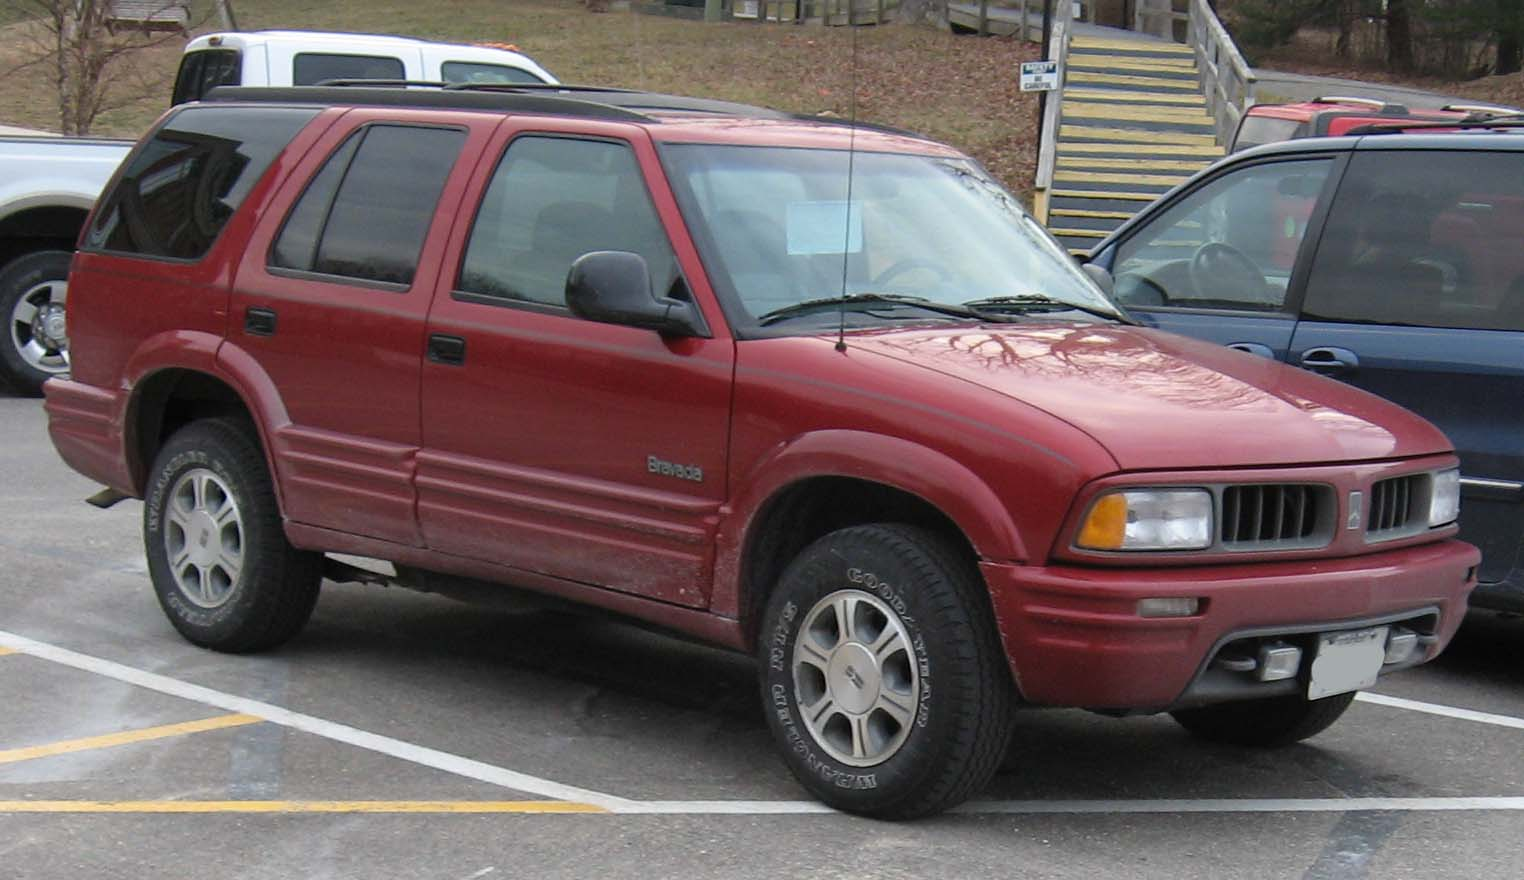 Oldsmobile Bravada Truck 98-01 Oldsmobile Bravada.jpg